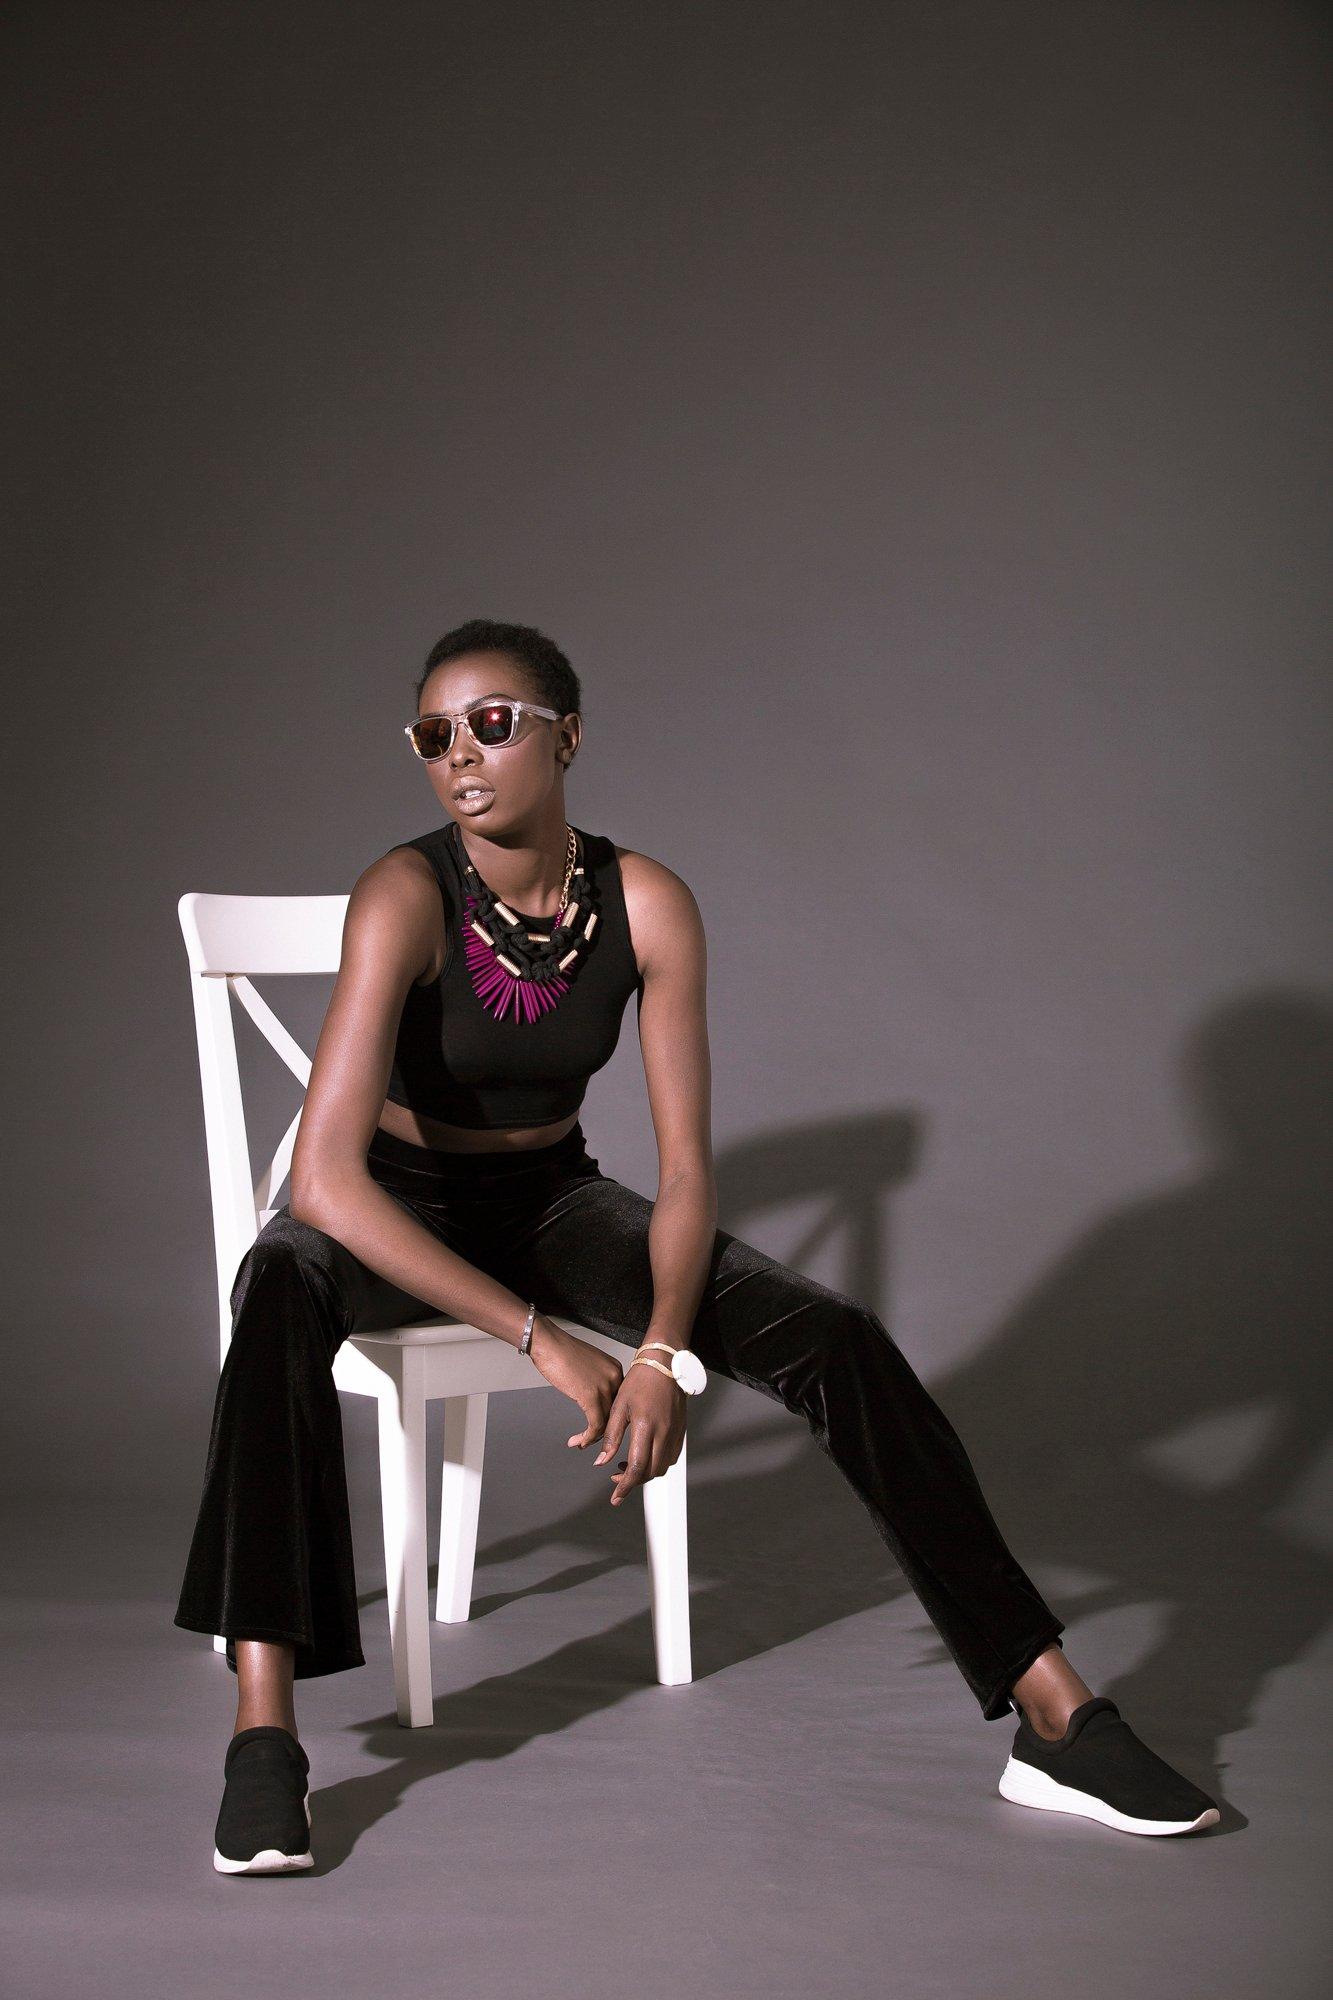 Basic fashion photography poses